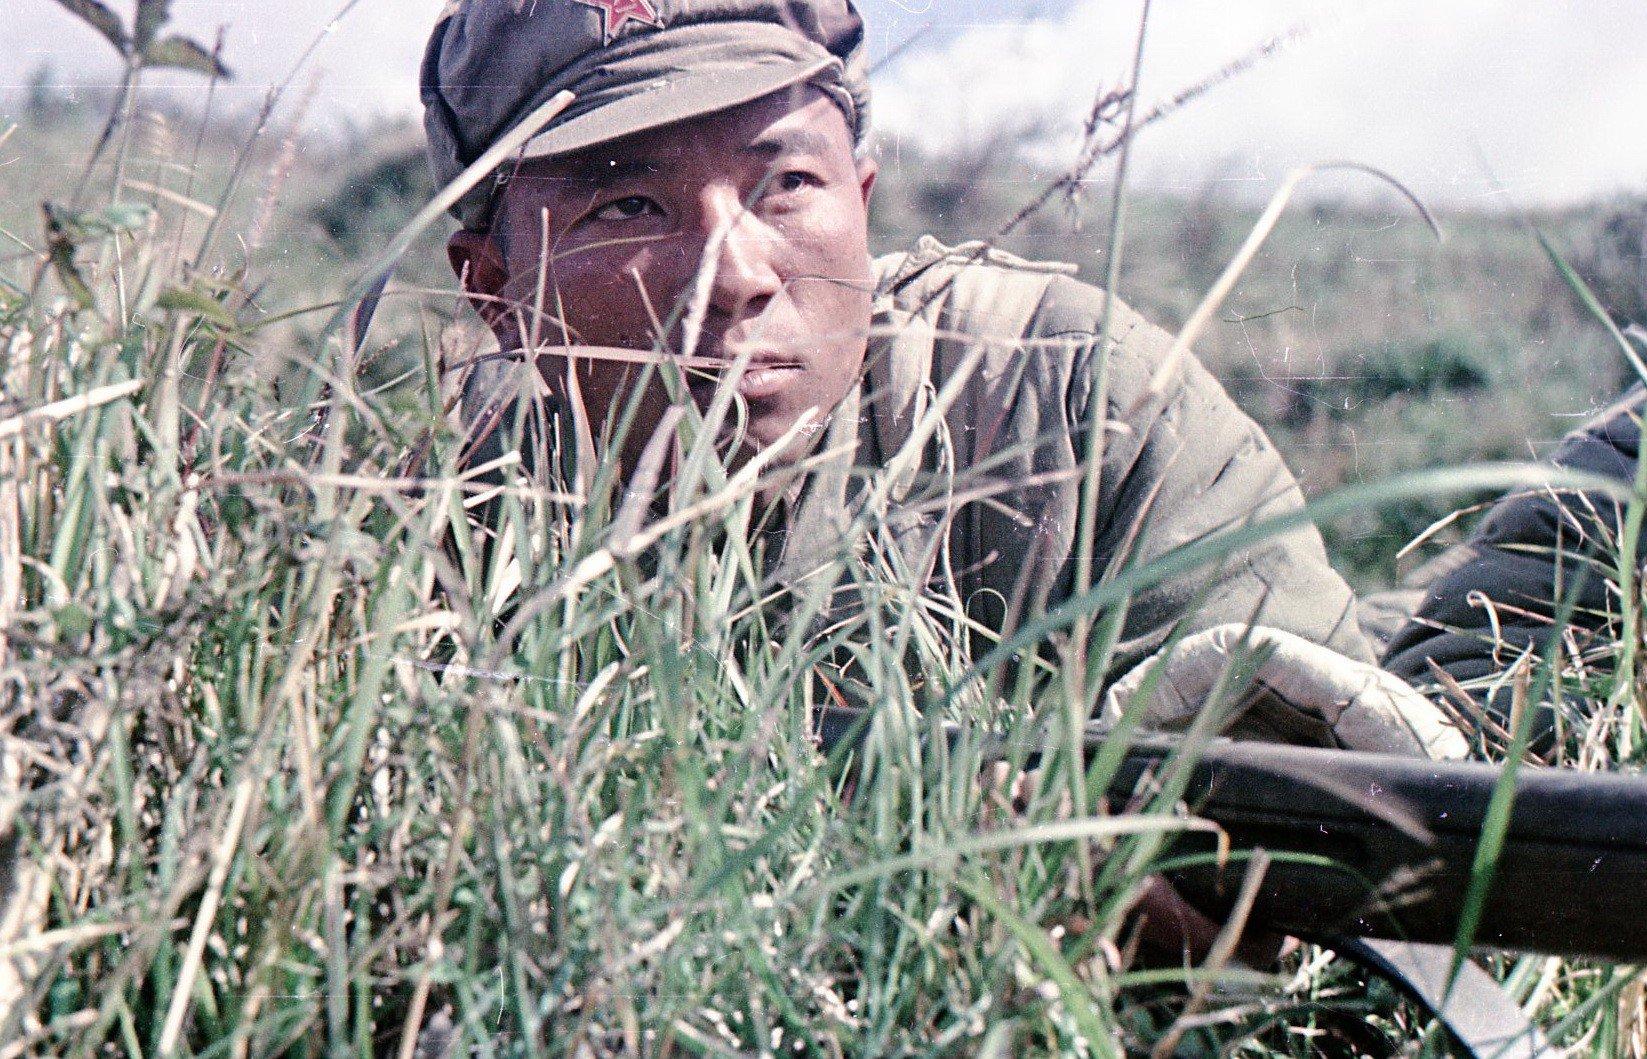 1949. Боец Народно-освободительной армии Китая (НОА). В засаде.